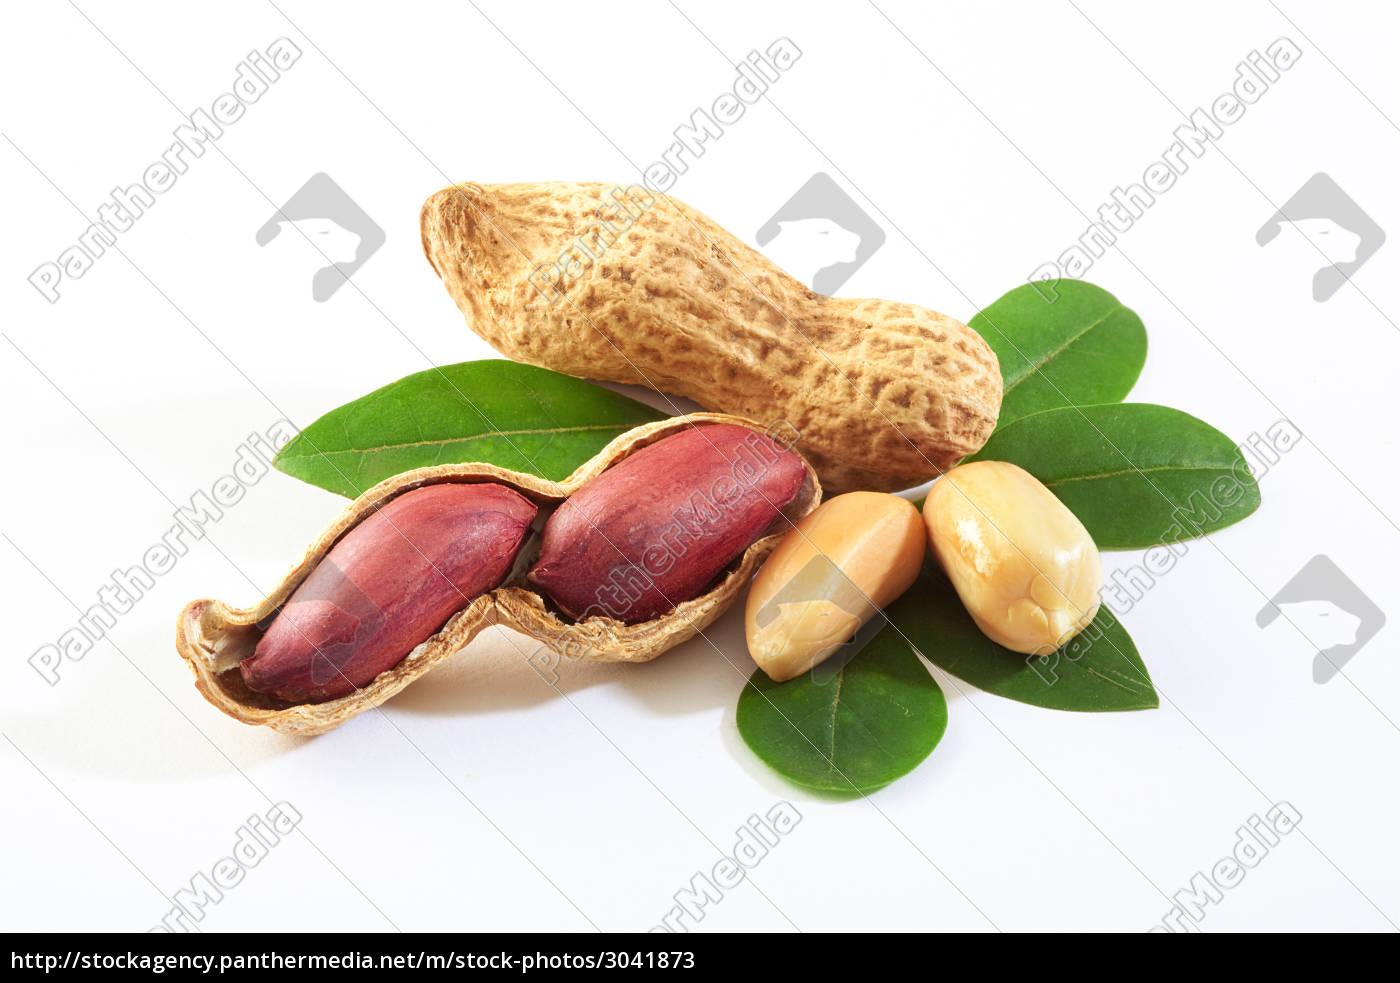 peanuts - 3041873